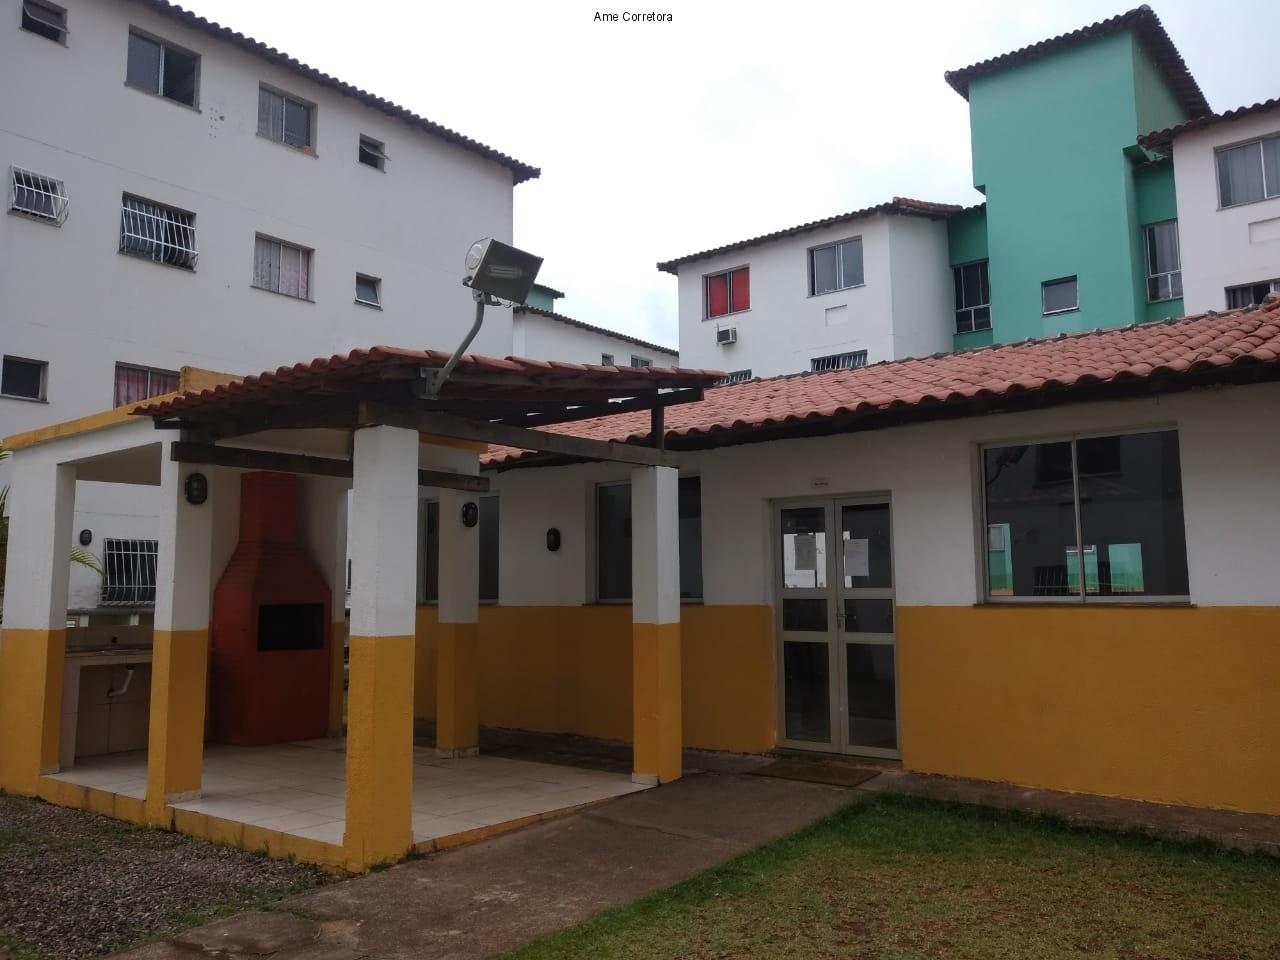 FOTO 10 - Apartamento 2 quartos para alugar Santíssimo, Rio de Janeiro - R$ 885 - AP00405 - 11